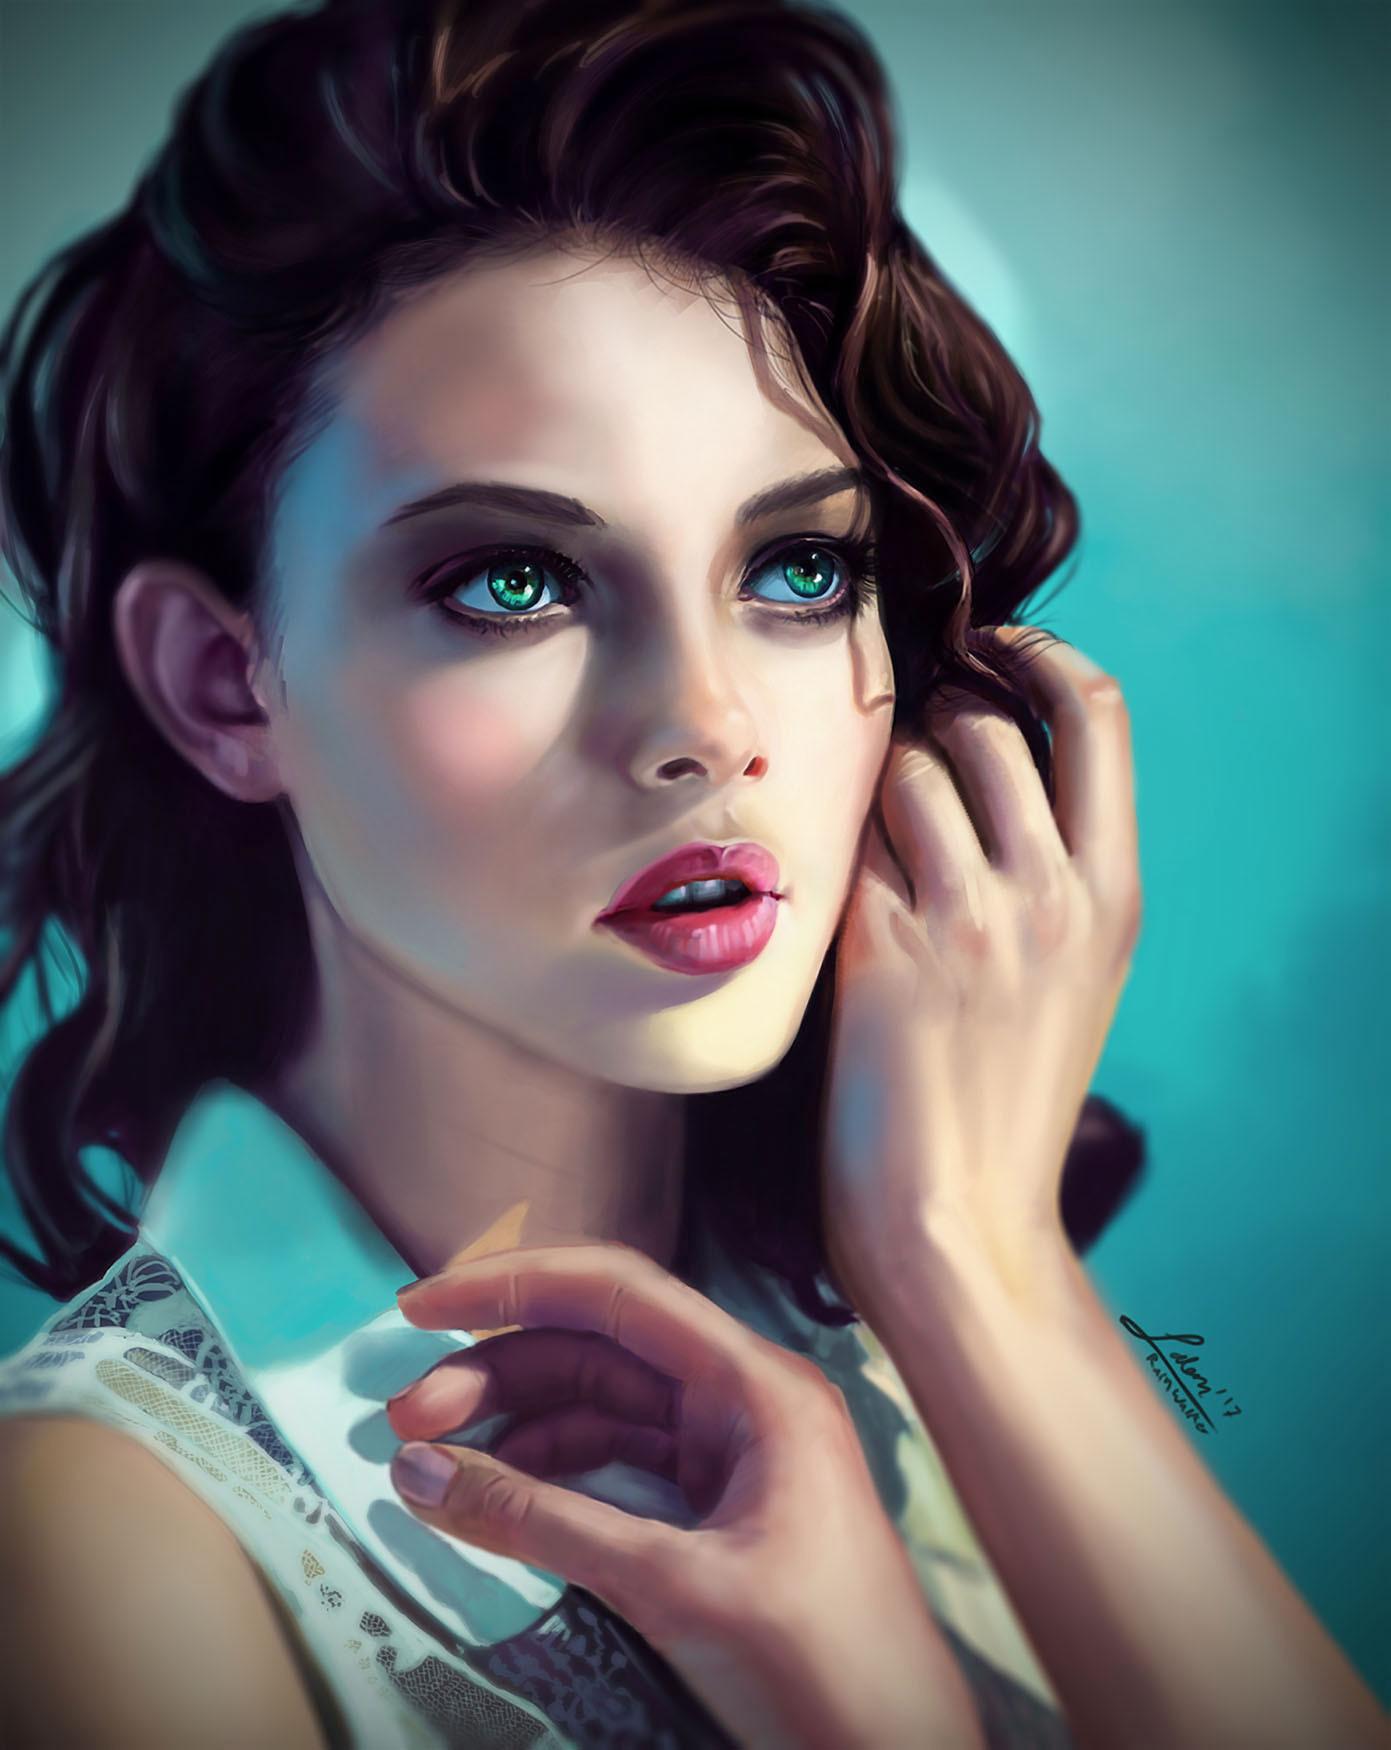 General 1391x1750 digital art artwork women portrait display portrait model green eyes brunette looking into the distance cyan